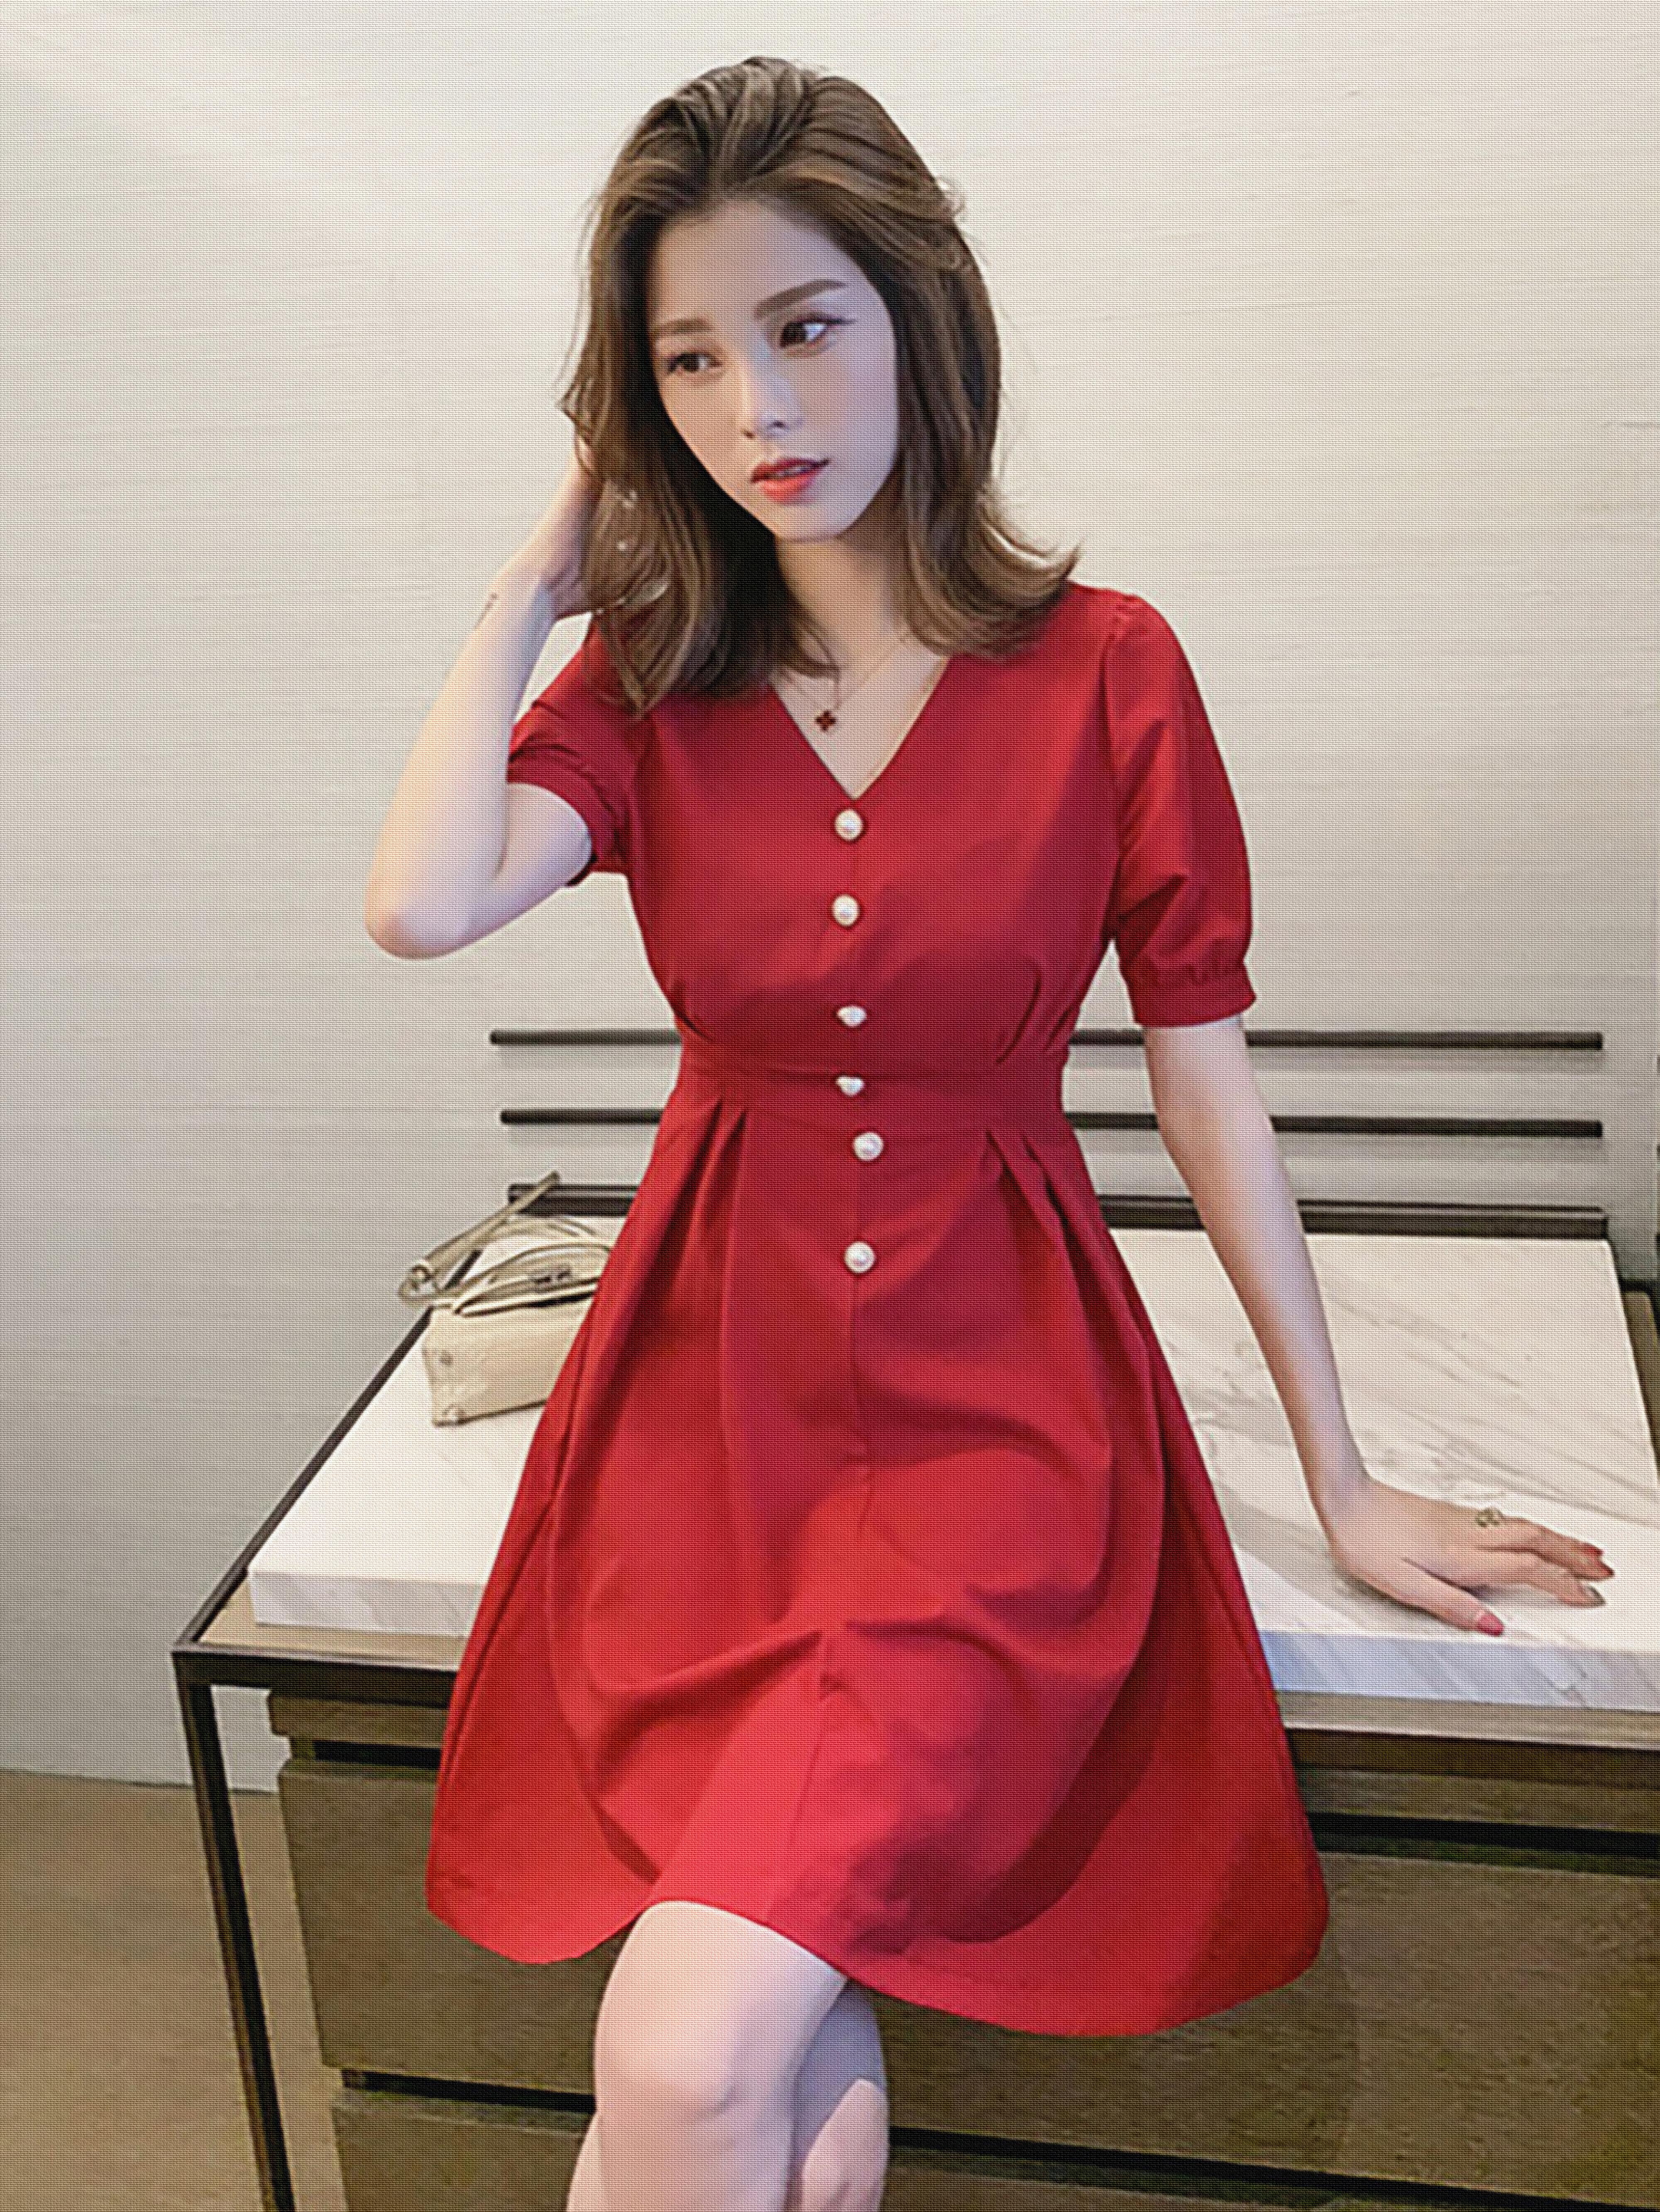 夏季新款复古法式裙子女学生网红小个子显瘦收腰气质连衣裙潮女